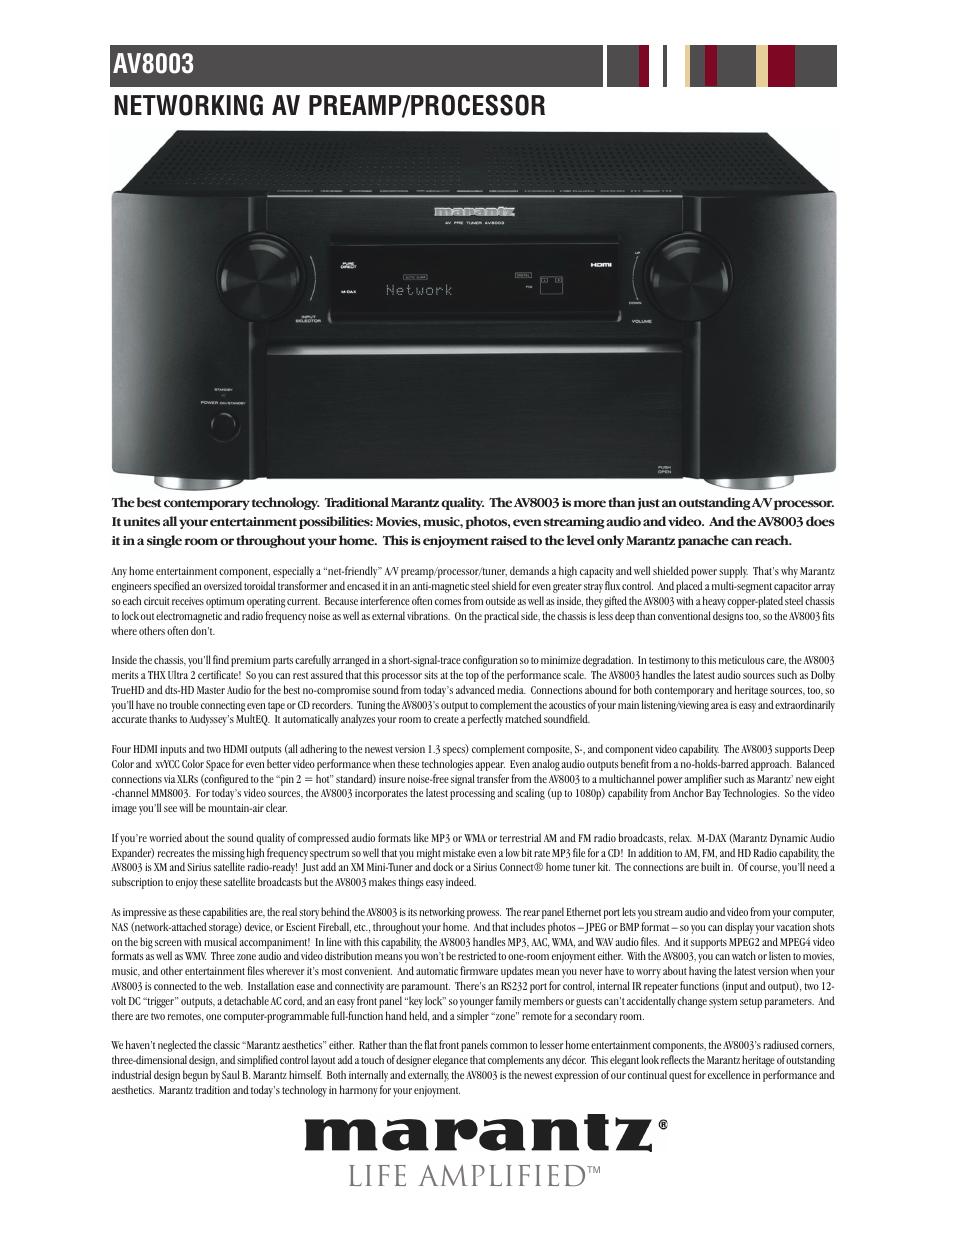 Life amplified, Av8003 networking av preamp/processor | Marantz AV8003 User  Manual | Page 2 / 5